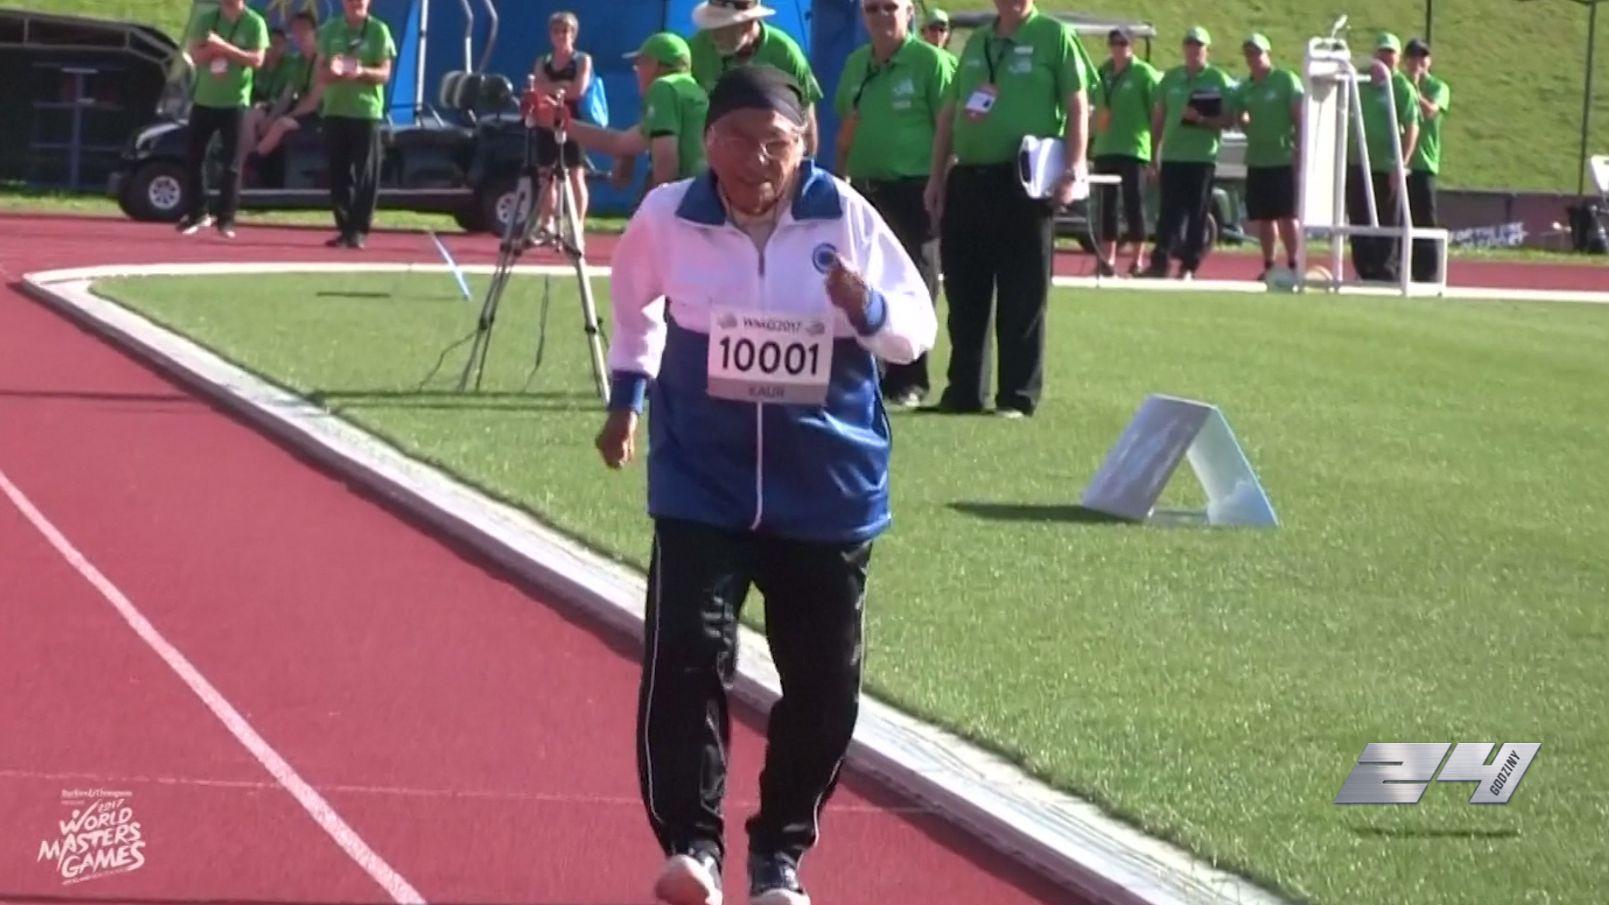 Na bieganie nigdy nie jest za późno!